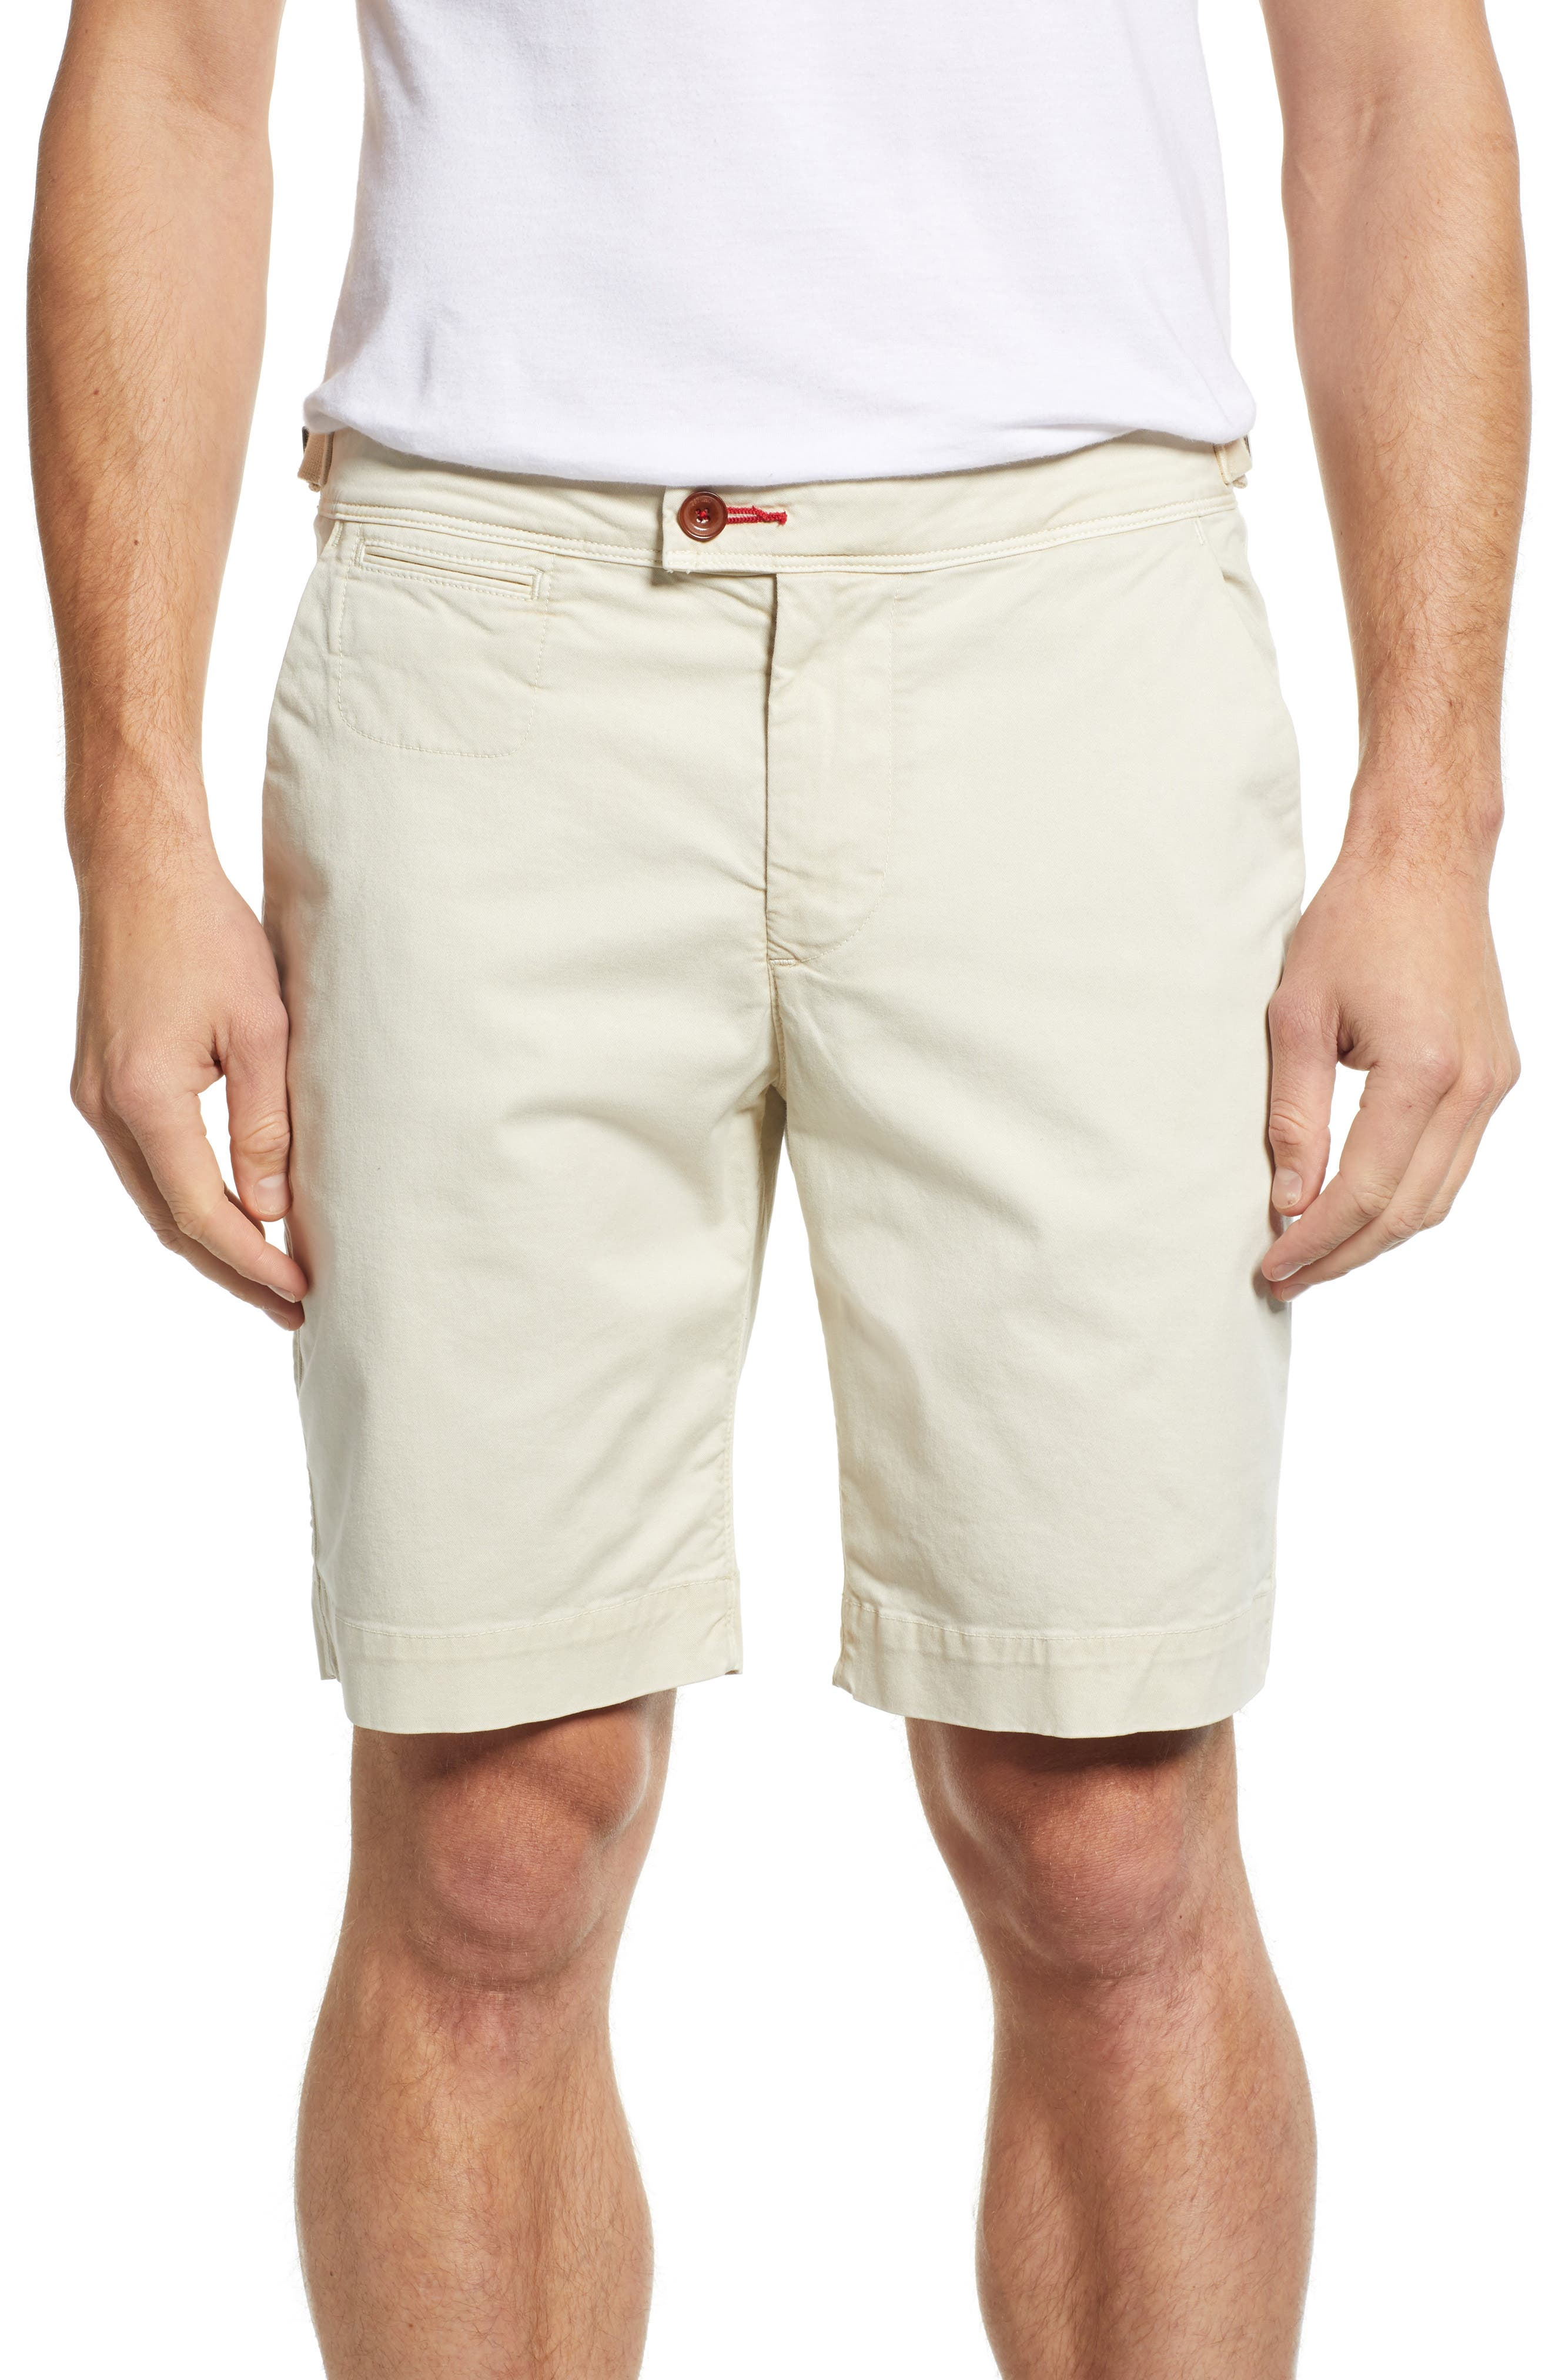 Triumph Shorts,                         Main,                         color, 130